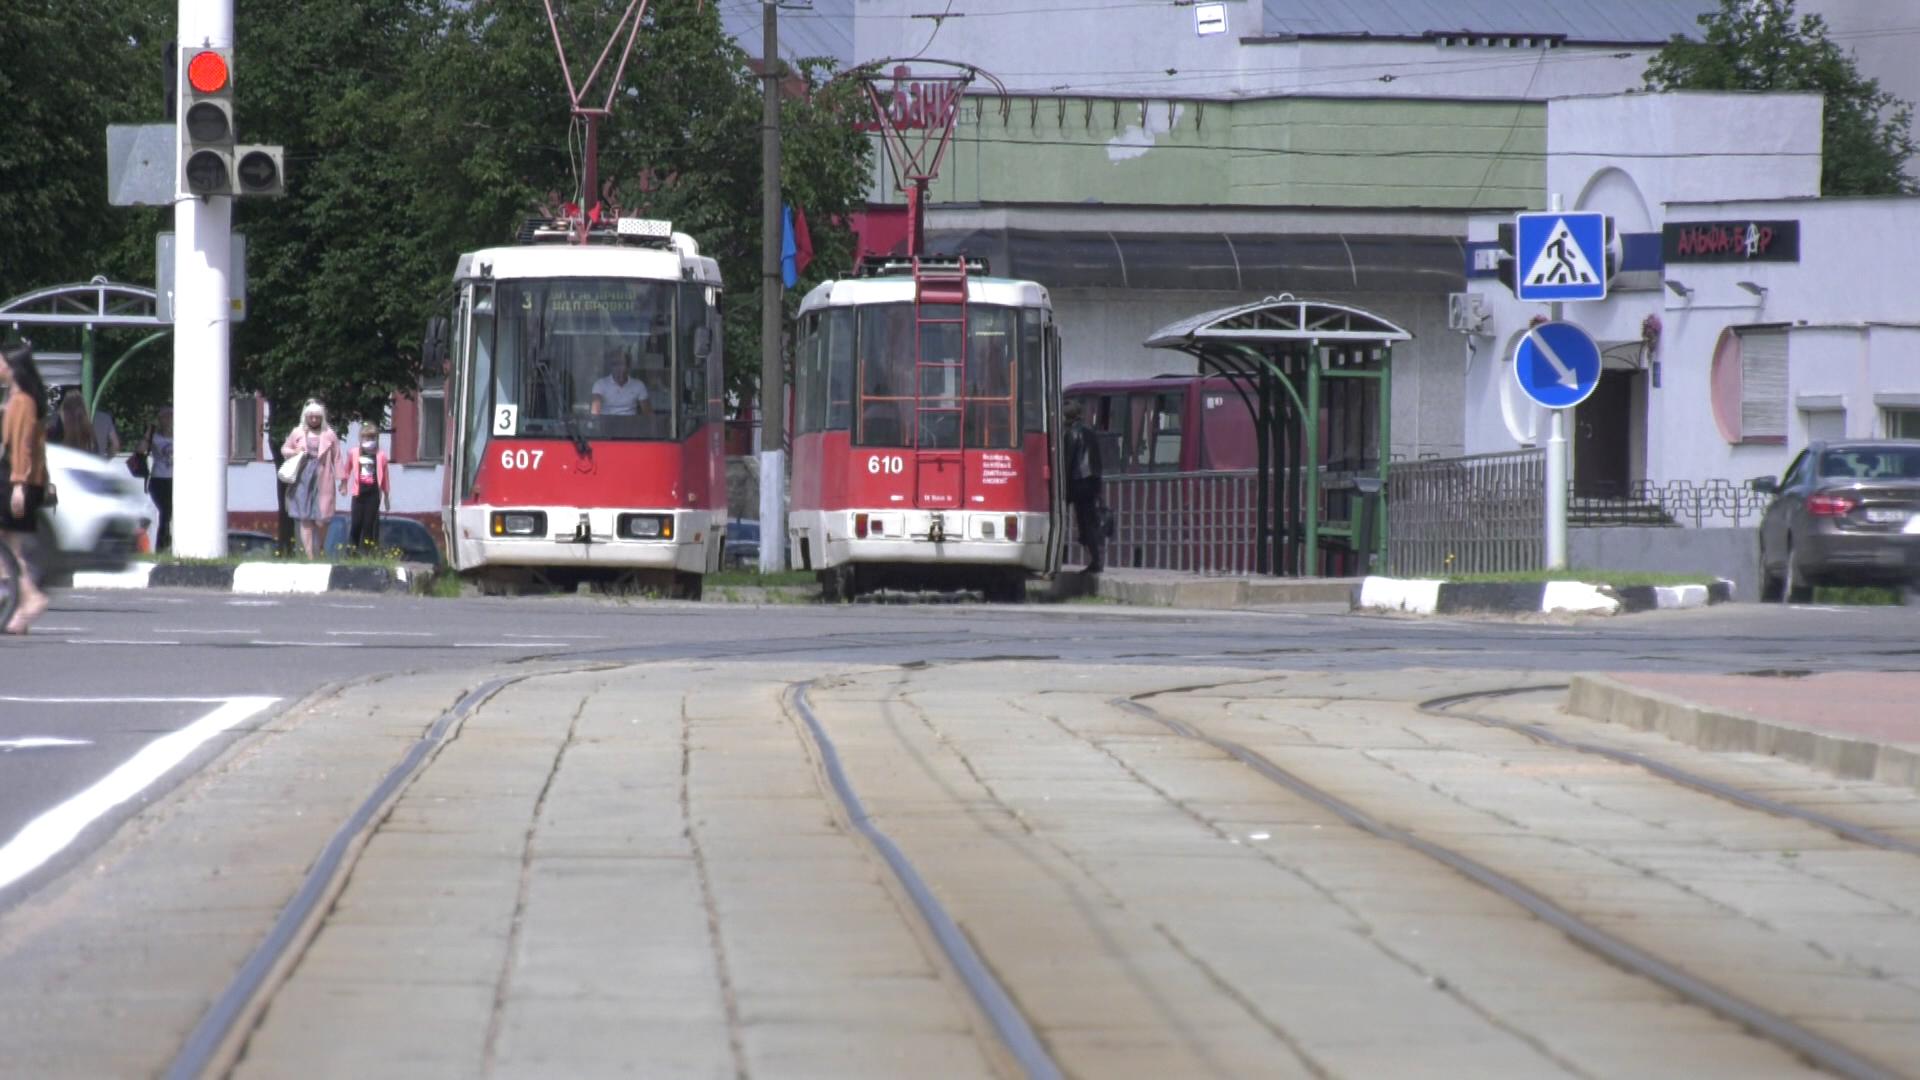 gagarina - Реконструкция улицы Гагарина начинается в Витебске (видео)